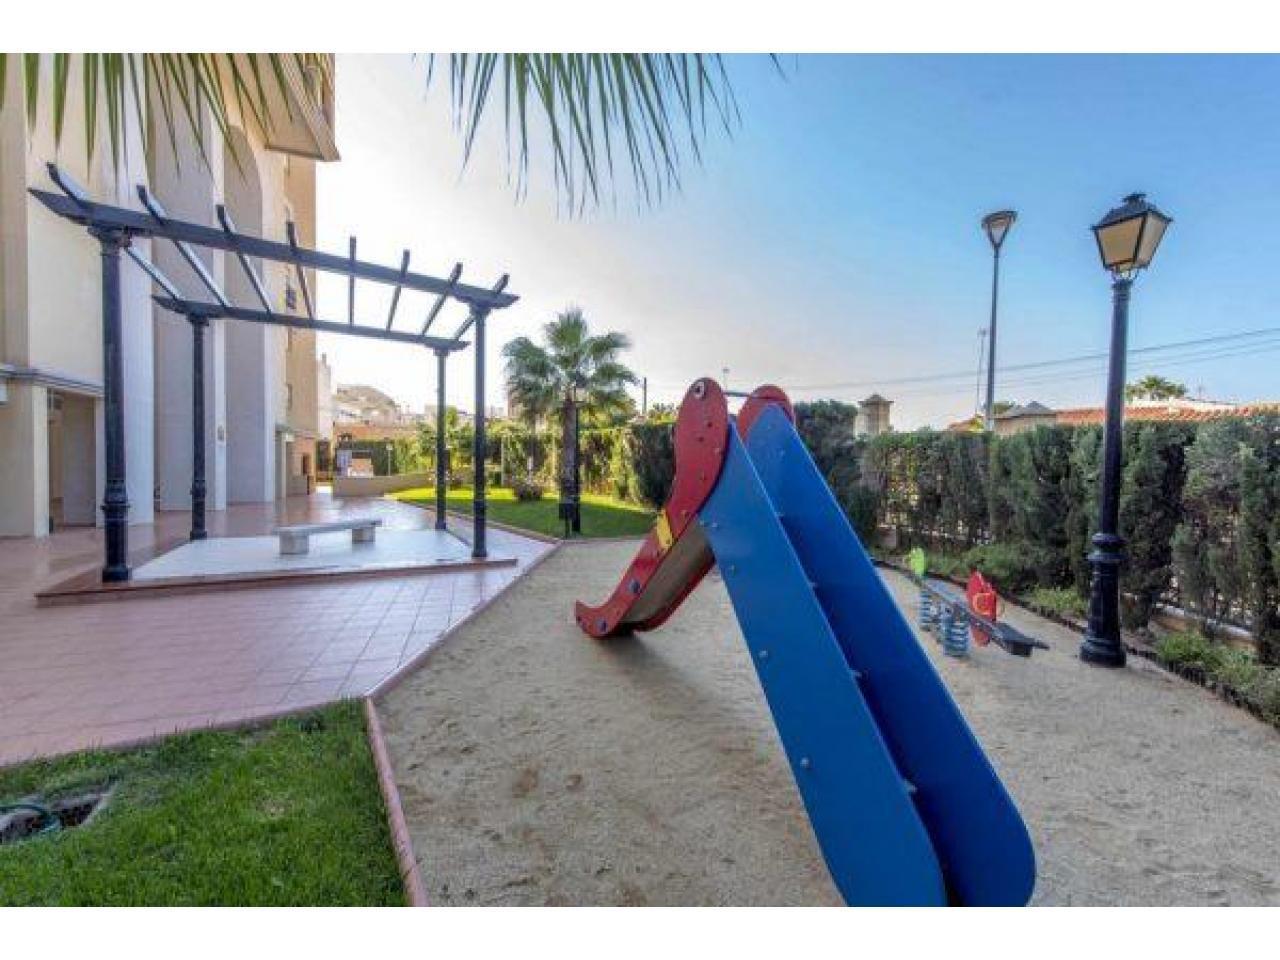 Недвижимость в Испании, Квартира с видом на море в Торревьеха,Коста Бланка,Испания - 9